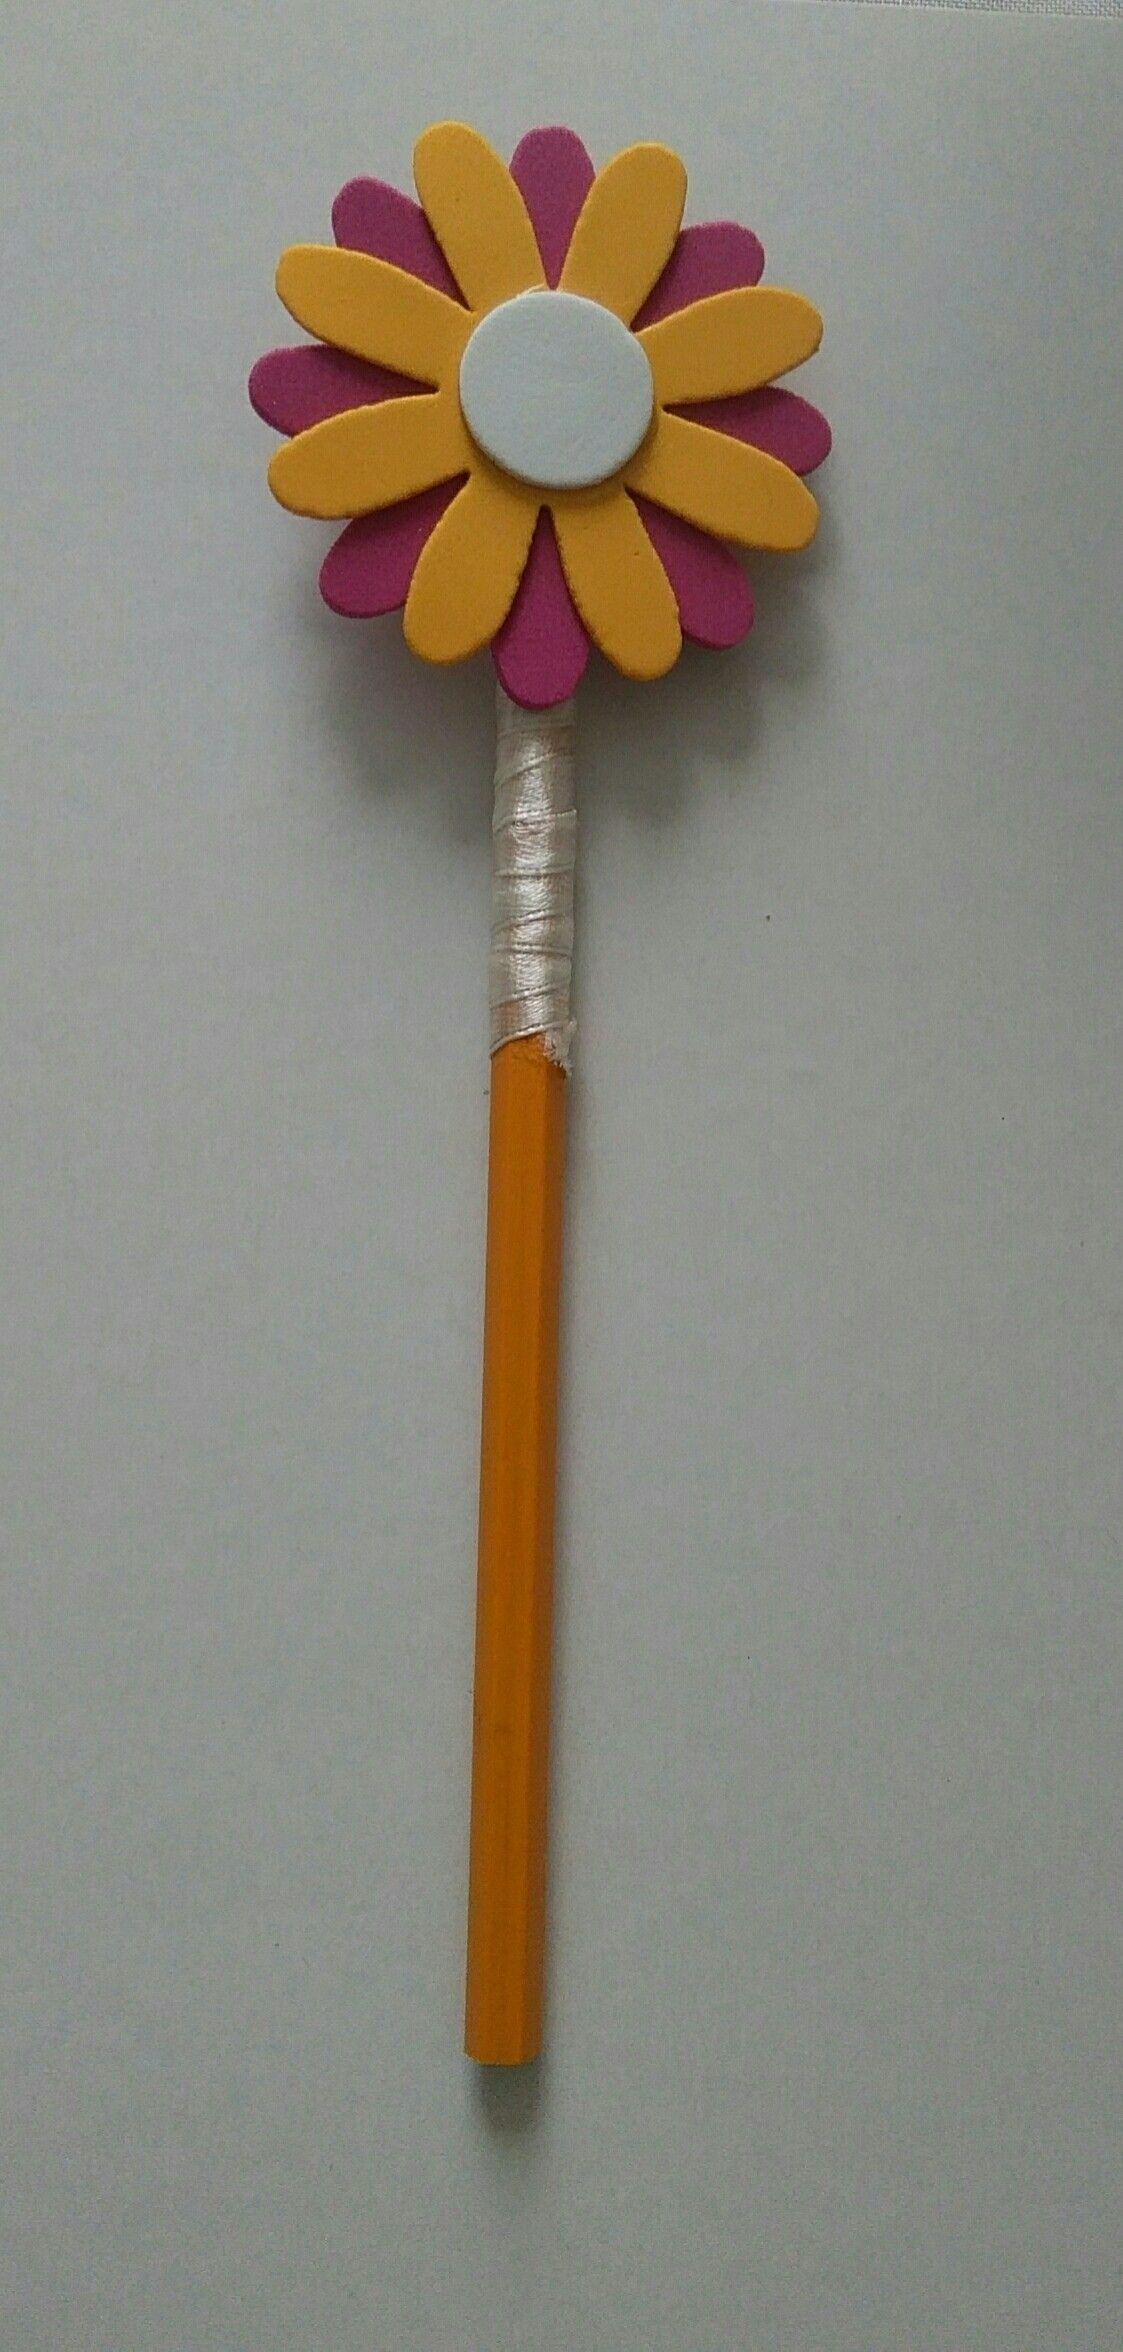 matita rivestita con nastro,fiore realizzato con gomma crepla.per info contattatemi via email rdlmcl@ hot mail .it